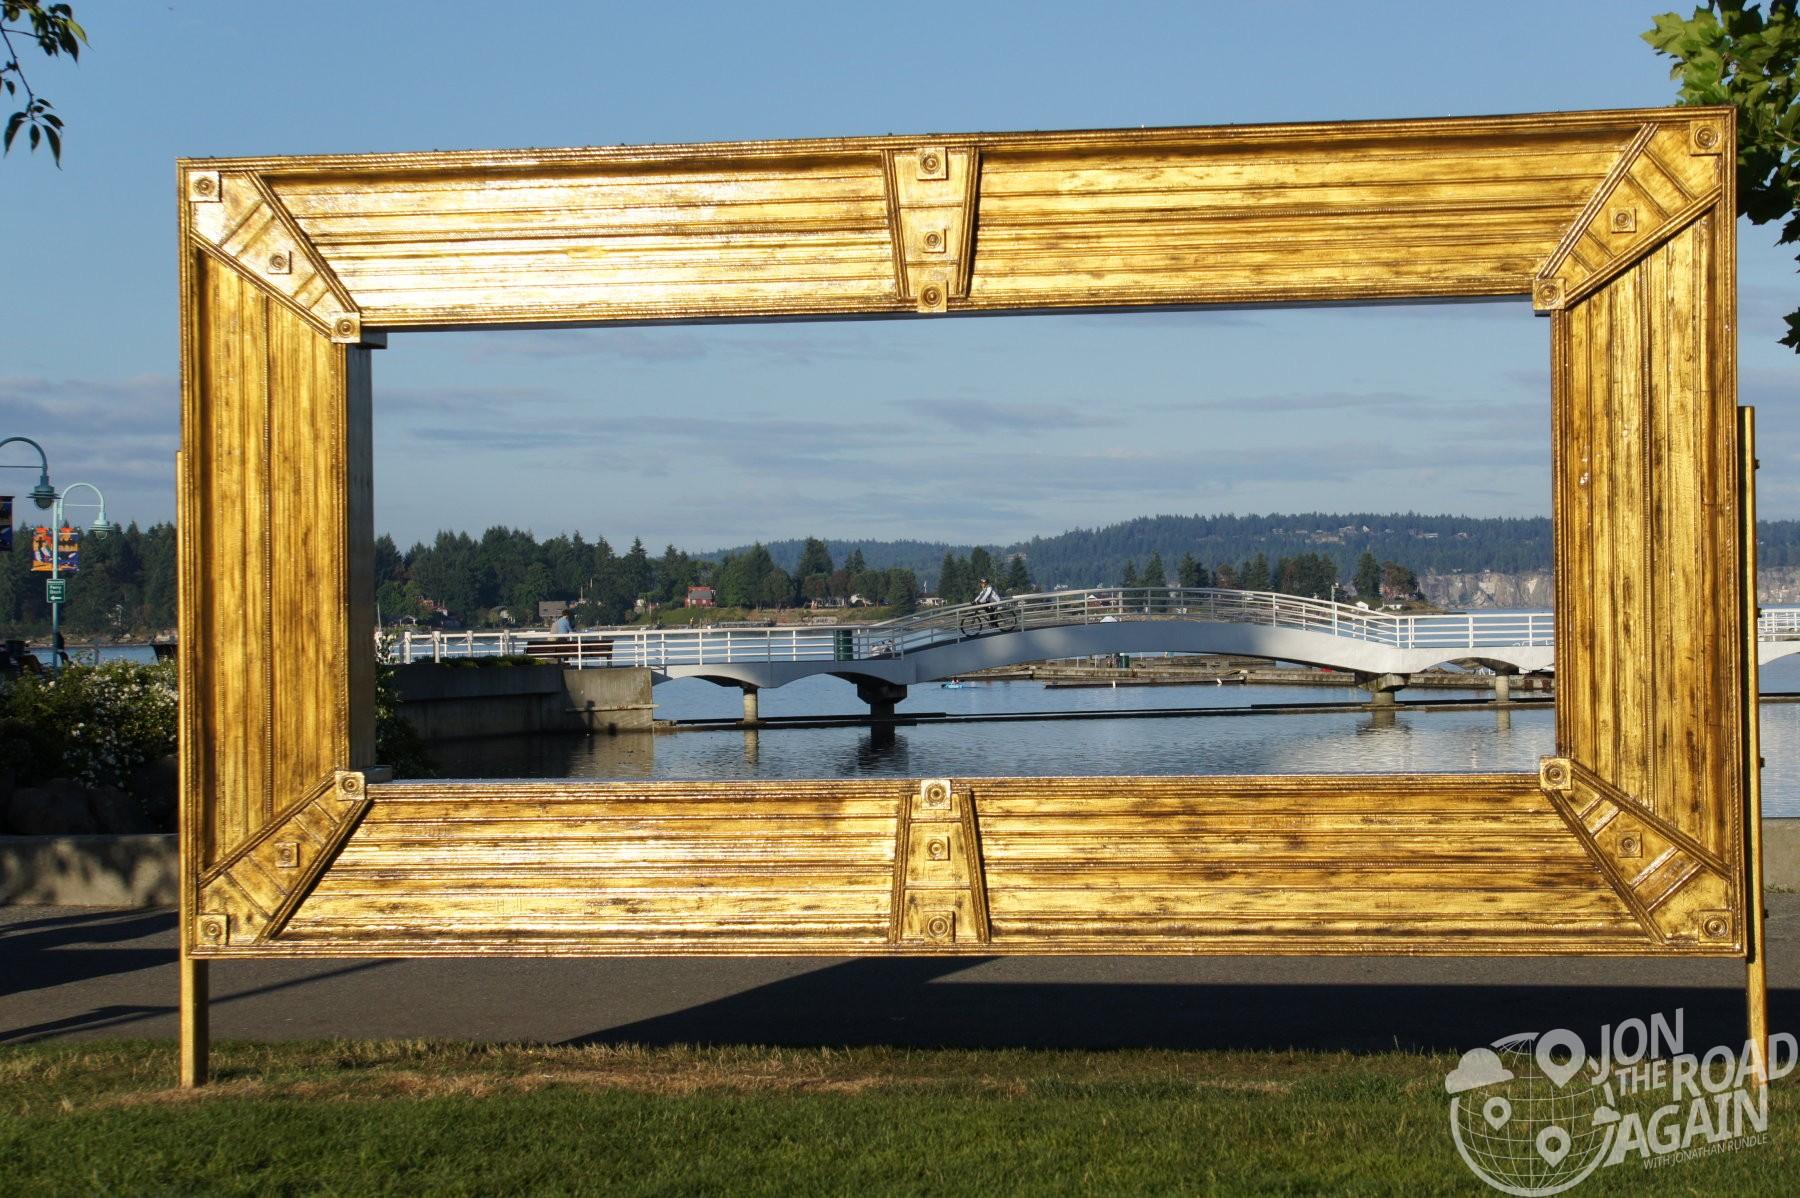 Public art in Nanaimo